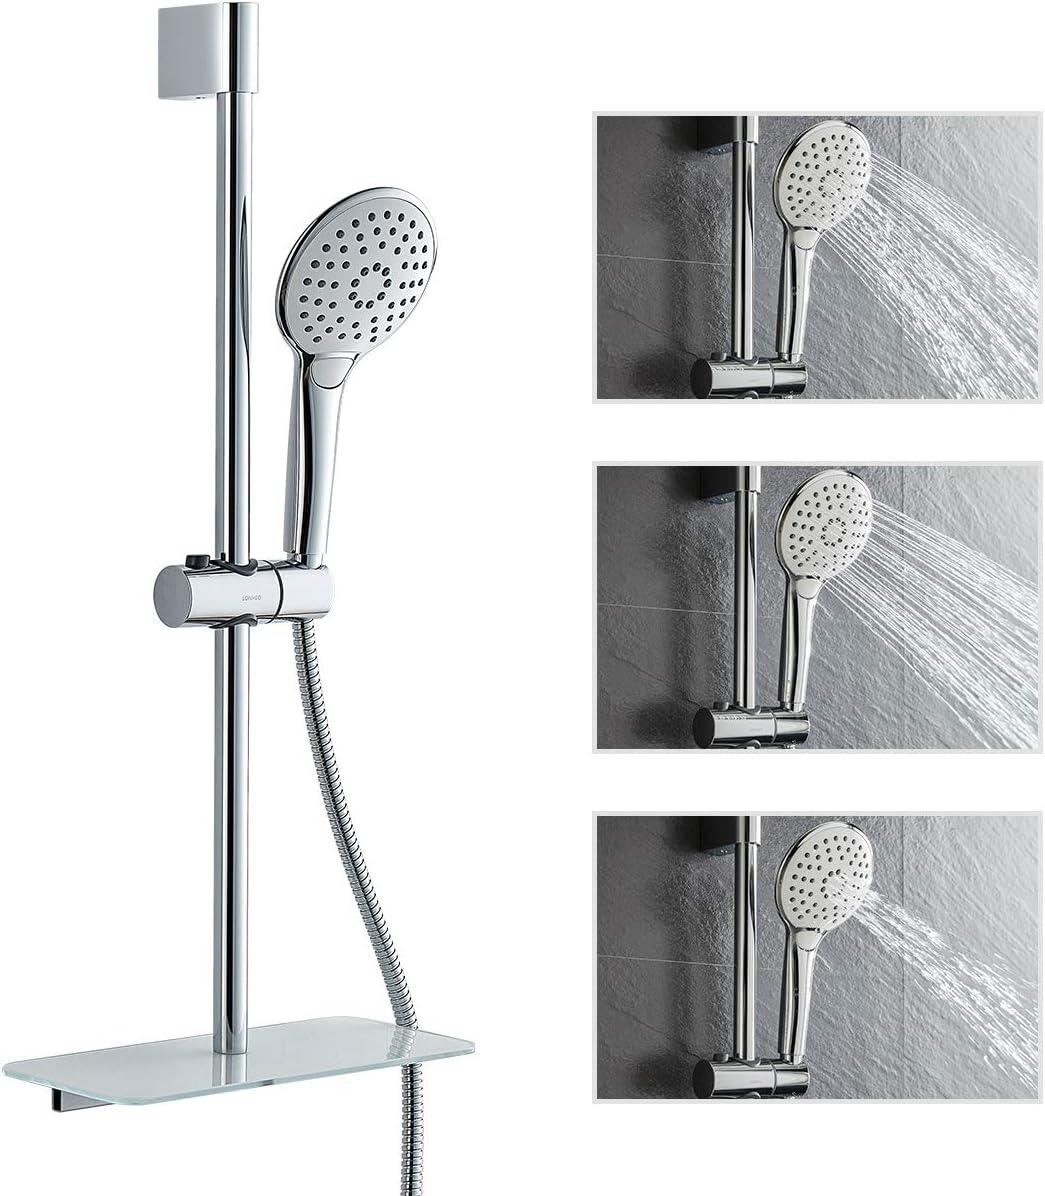 Drenky superficie cromata lucida altezza totale 1 m Asta per doccia in acciaio inox 304 con staffe di montaggio regolabili in altezza e angolare